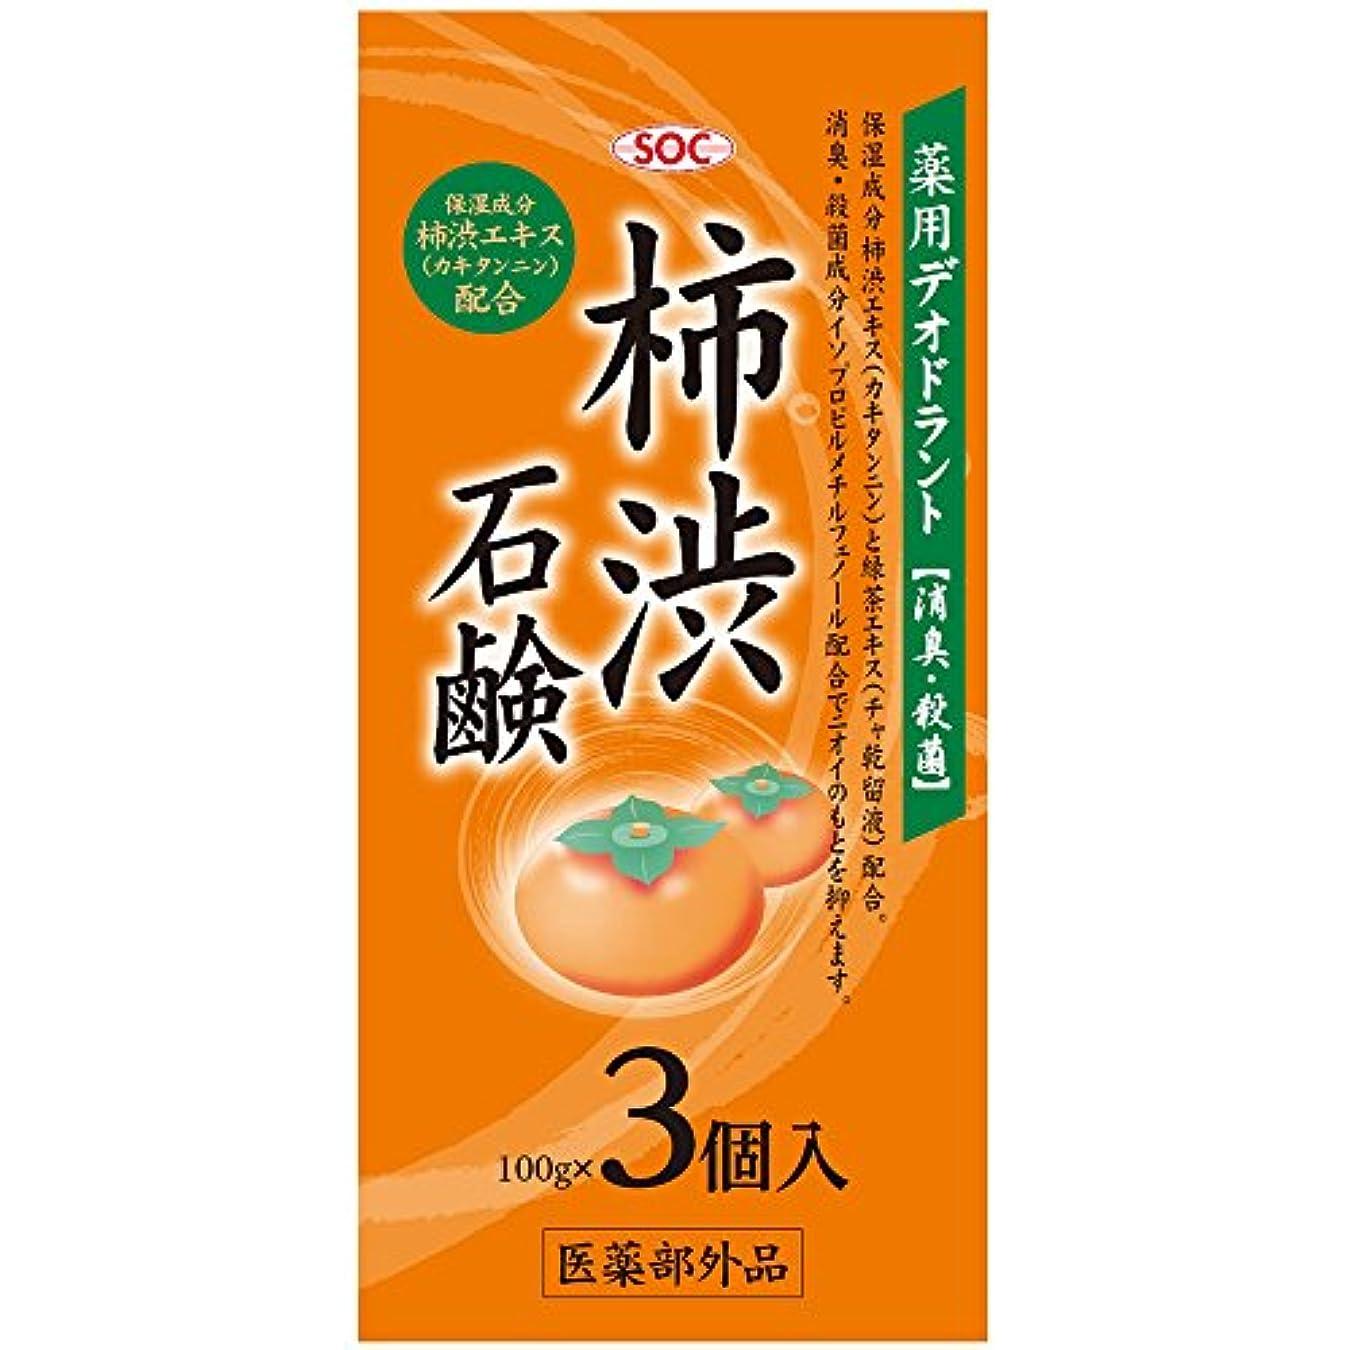 に負けるアシュリータファーマン黒板SOC 薬用柿渋石鹸 3P (100g×3)